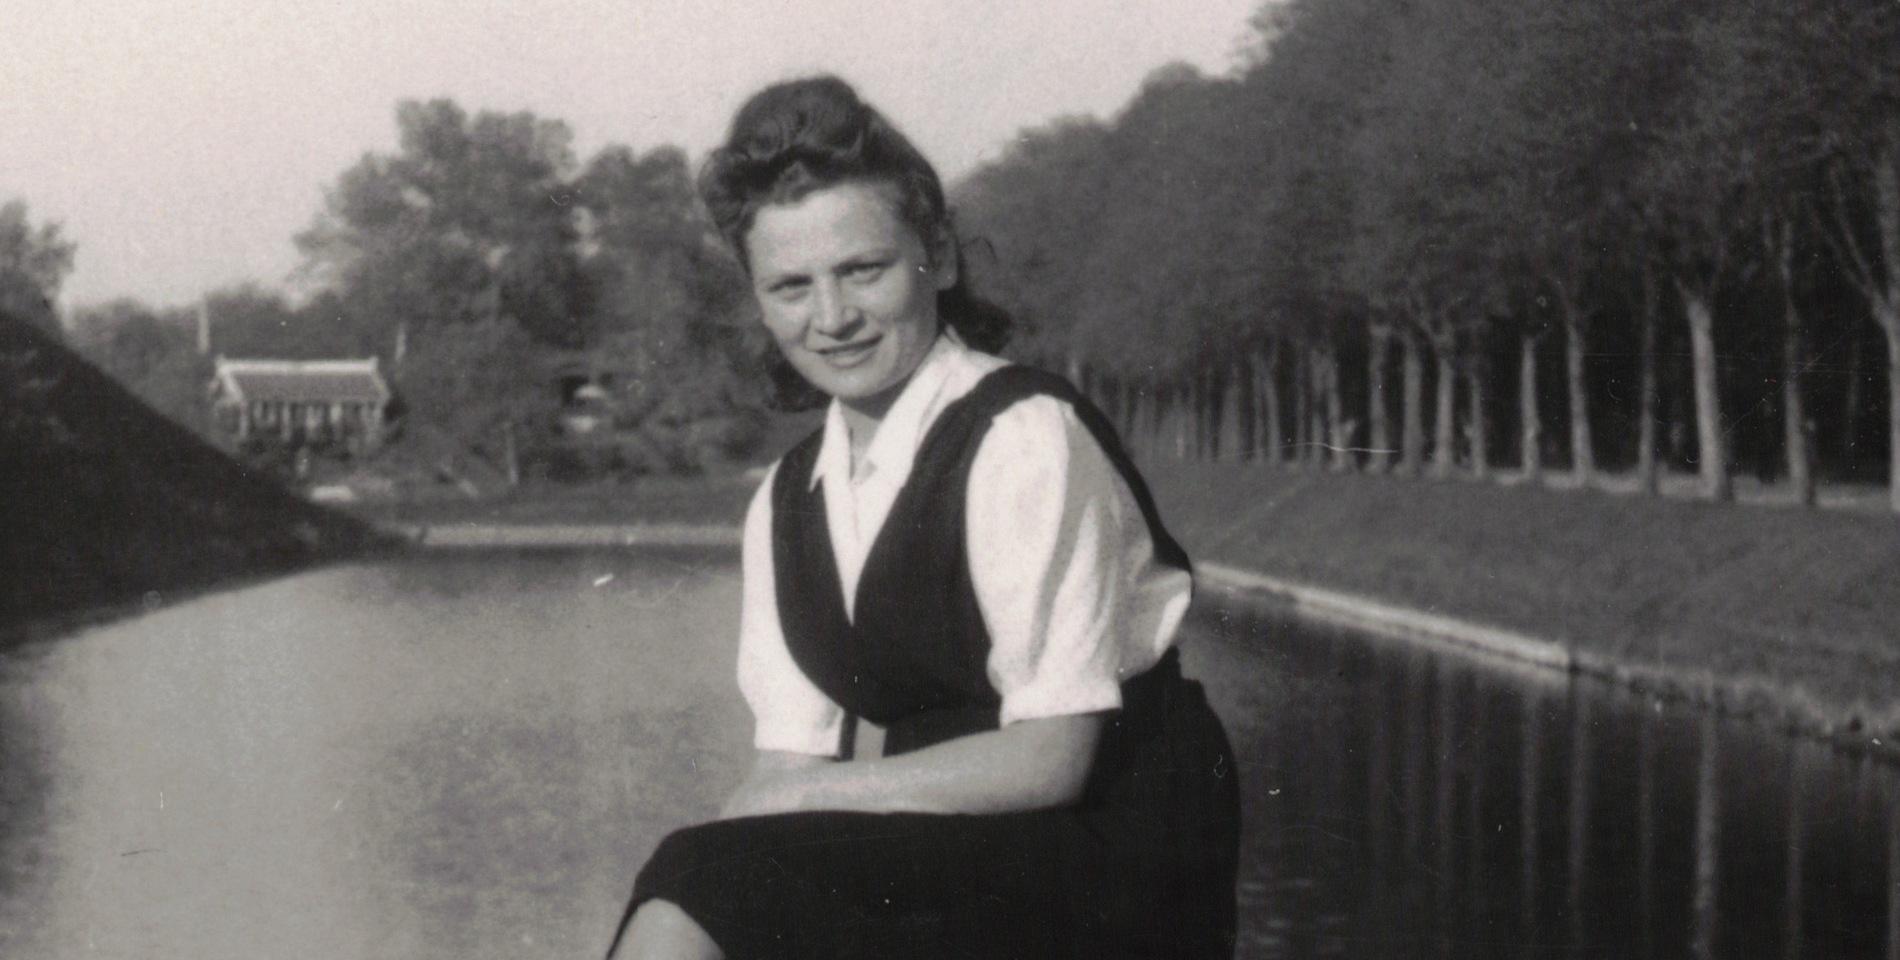 """Premiera książki """"Tema. Wspomnienia z czasów zagłady"""". Prezentacja projektu """"Pamięć. Płock 1939"""". Koncert 3kropki: """"Zachor"""""""